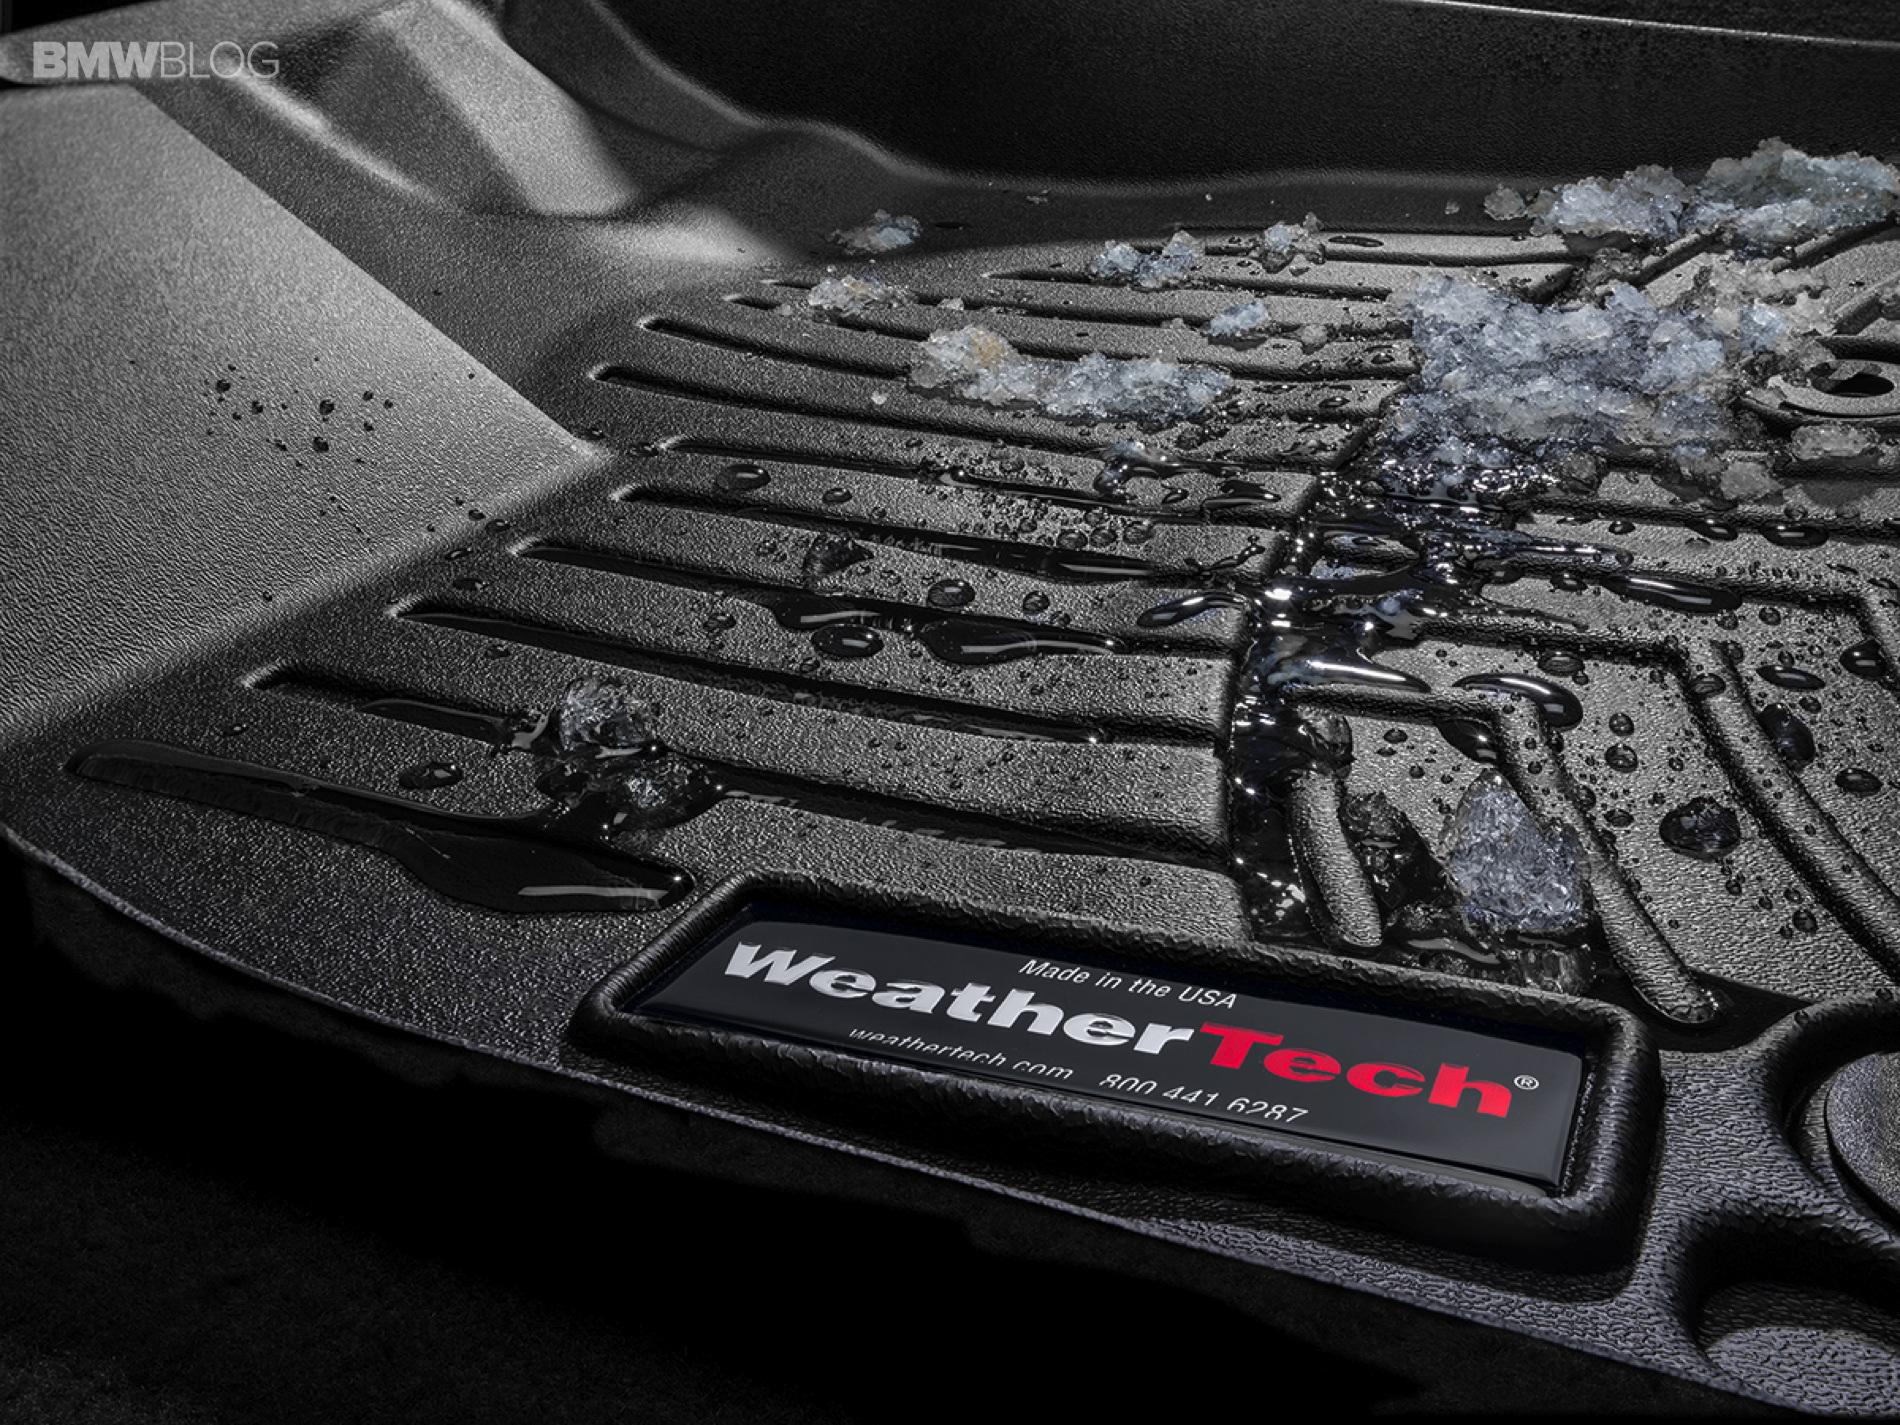 Weathertech floor mats commercial - Weathertech Floor Mats Commercial 47